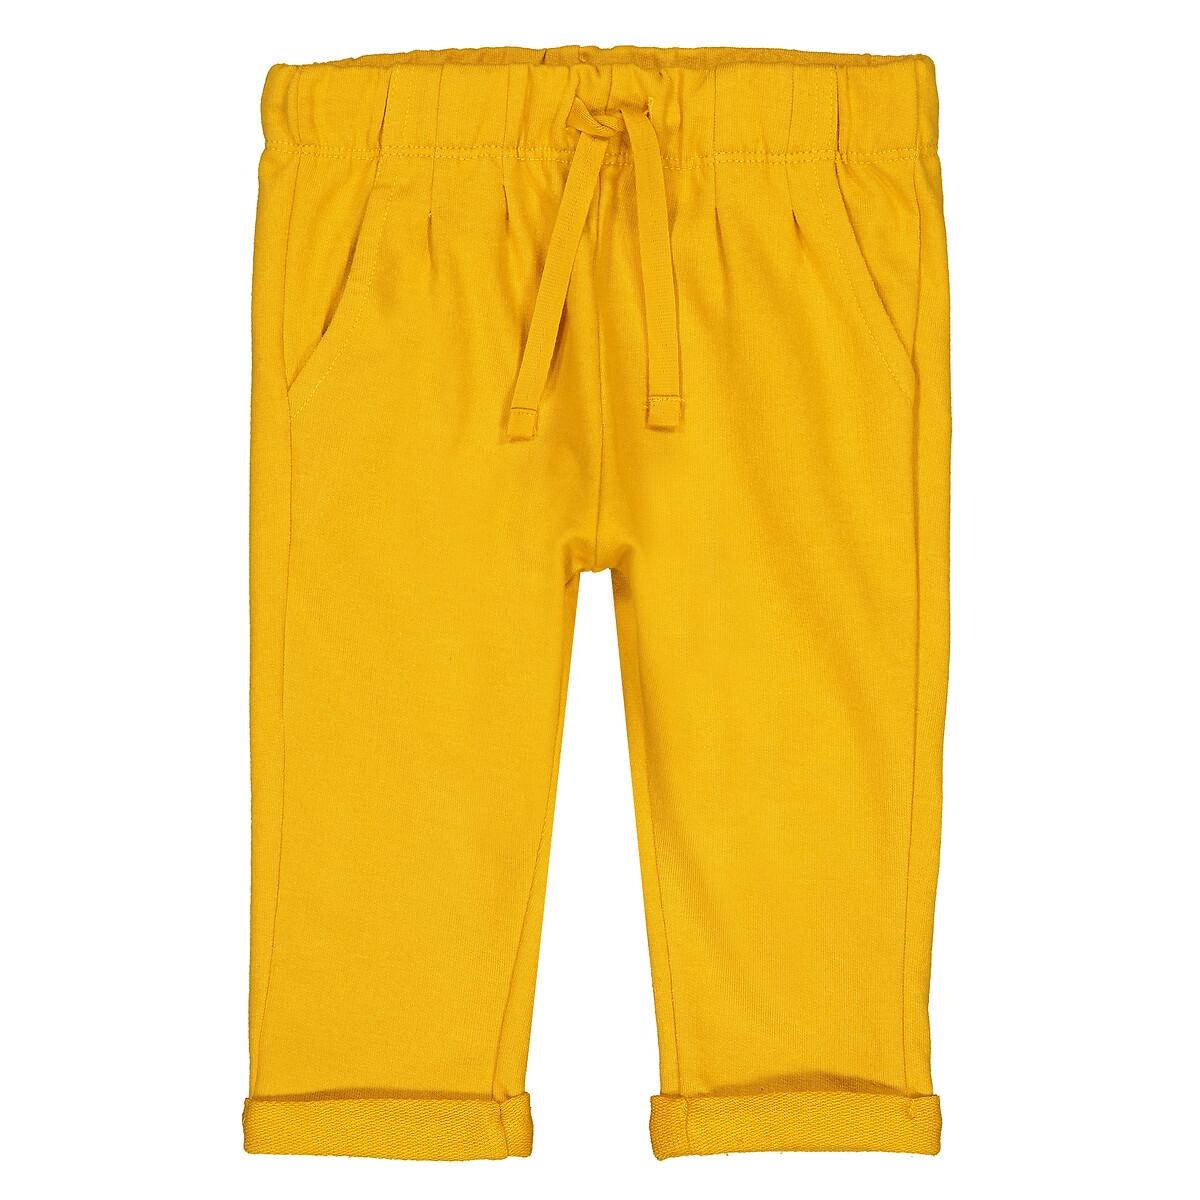 Фото - Брюки LaRedoute Из мольтона 1 мес - 3 года 18 мес. - 81 см желтый брюки laredoute из мольтона с бантом 1 мес 3 года 9 мес 71 см розовый